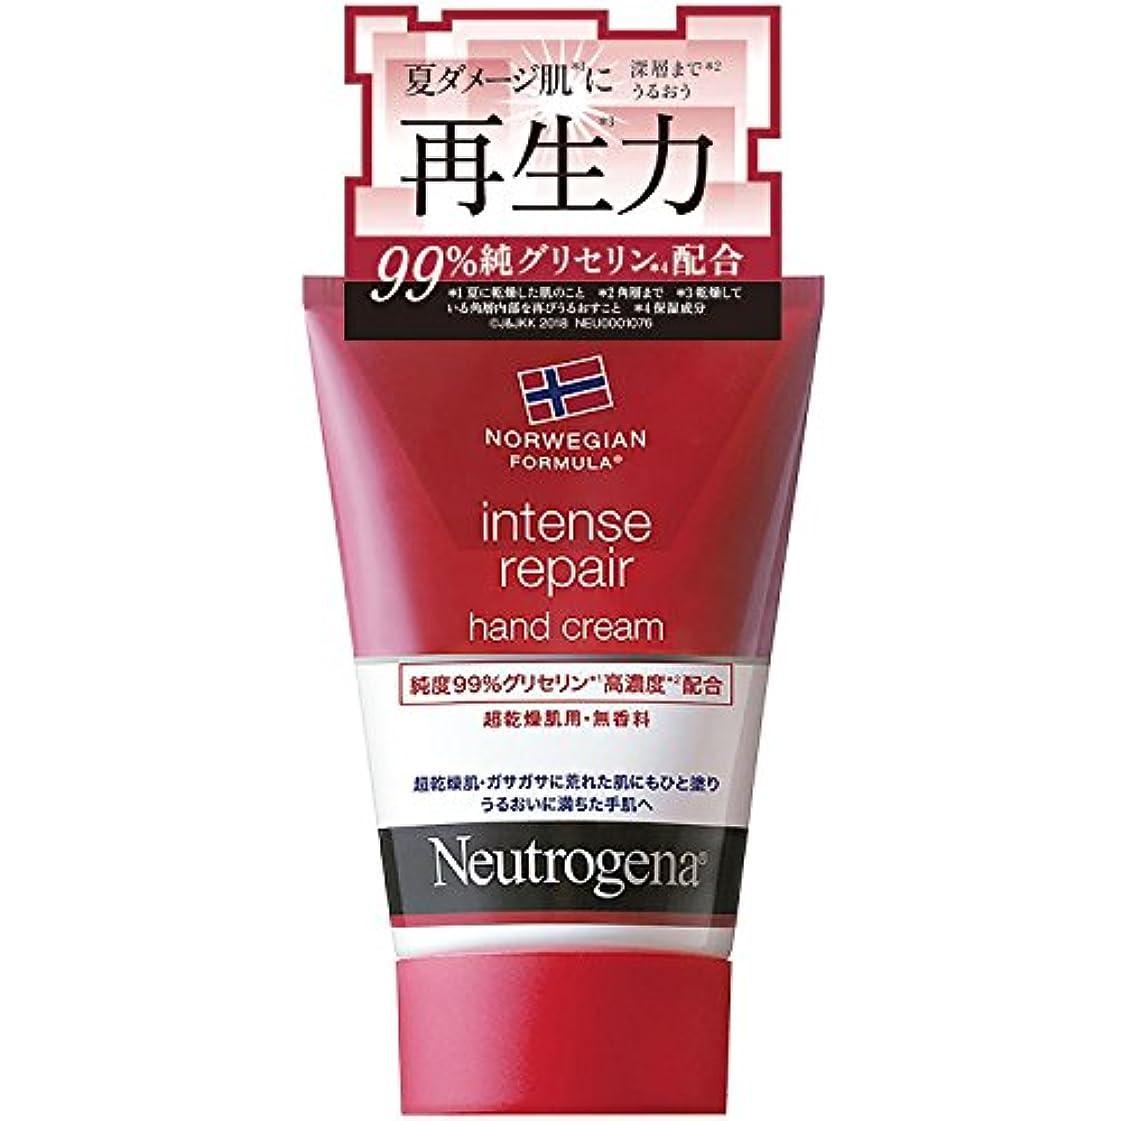 争う解説少なくともNeutrogena(ニュートロジーナ) ノルウェーフォーミュラ インテンスリペア ハンドクリーム 超乾燥肌用 無香料 単品 50g